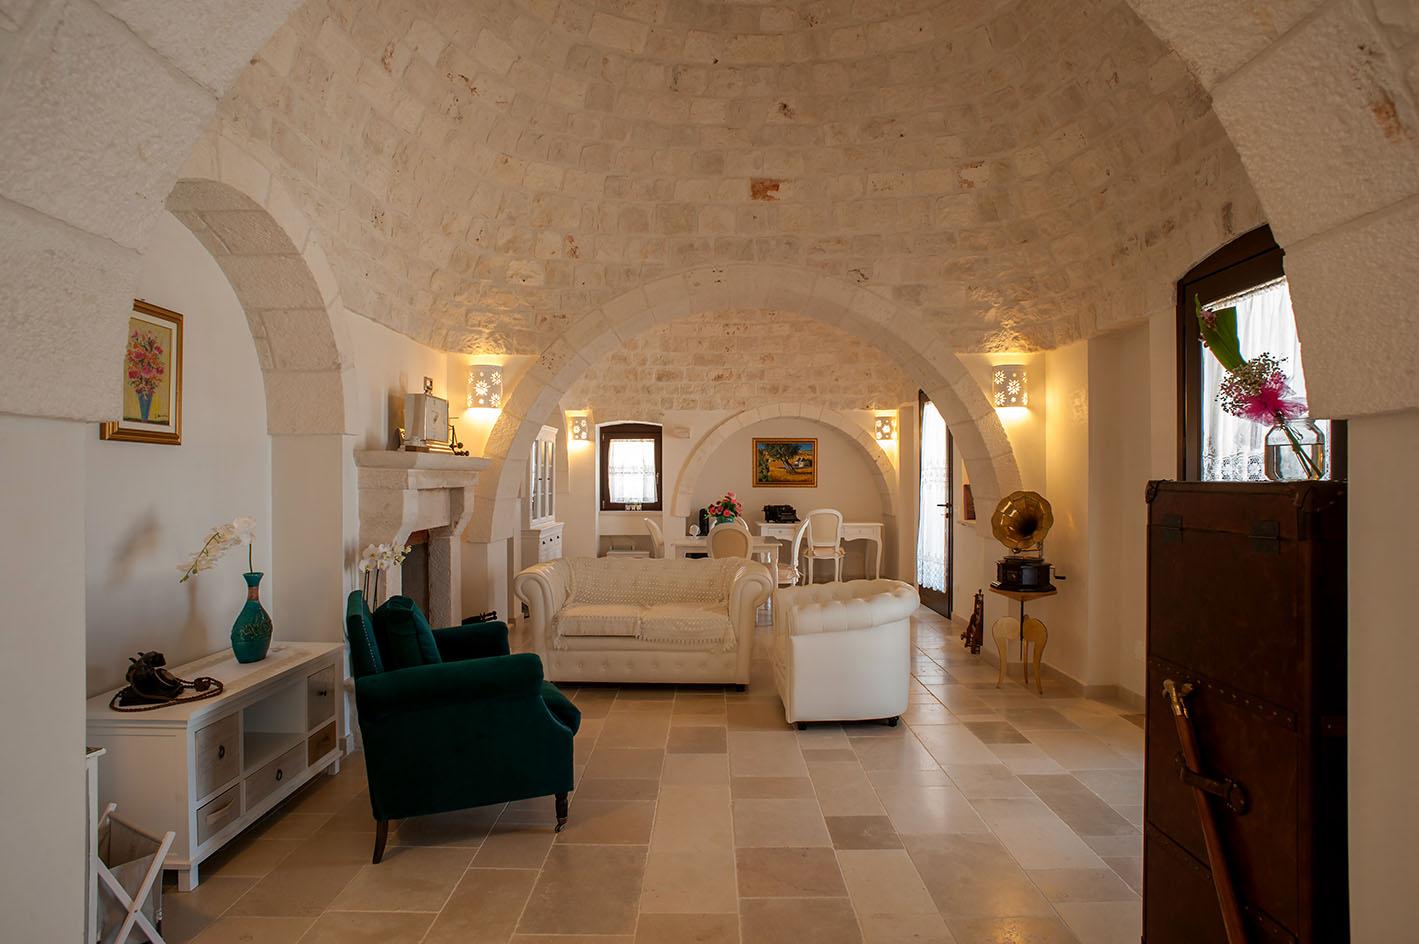 Trullo teseo in puglia traditional luxury villa with - Soggiorno rustico moderno ...